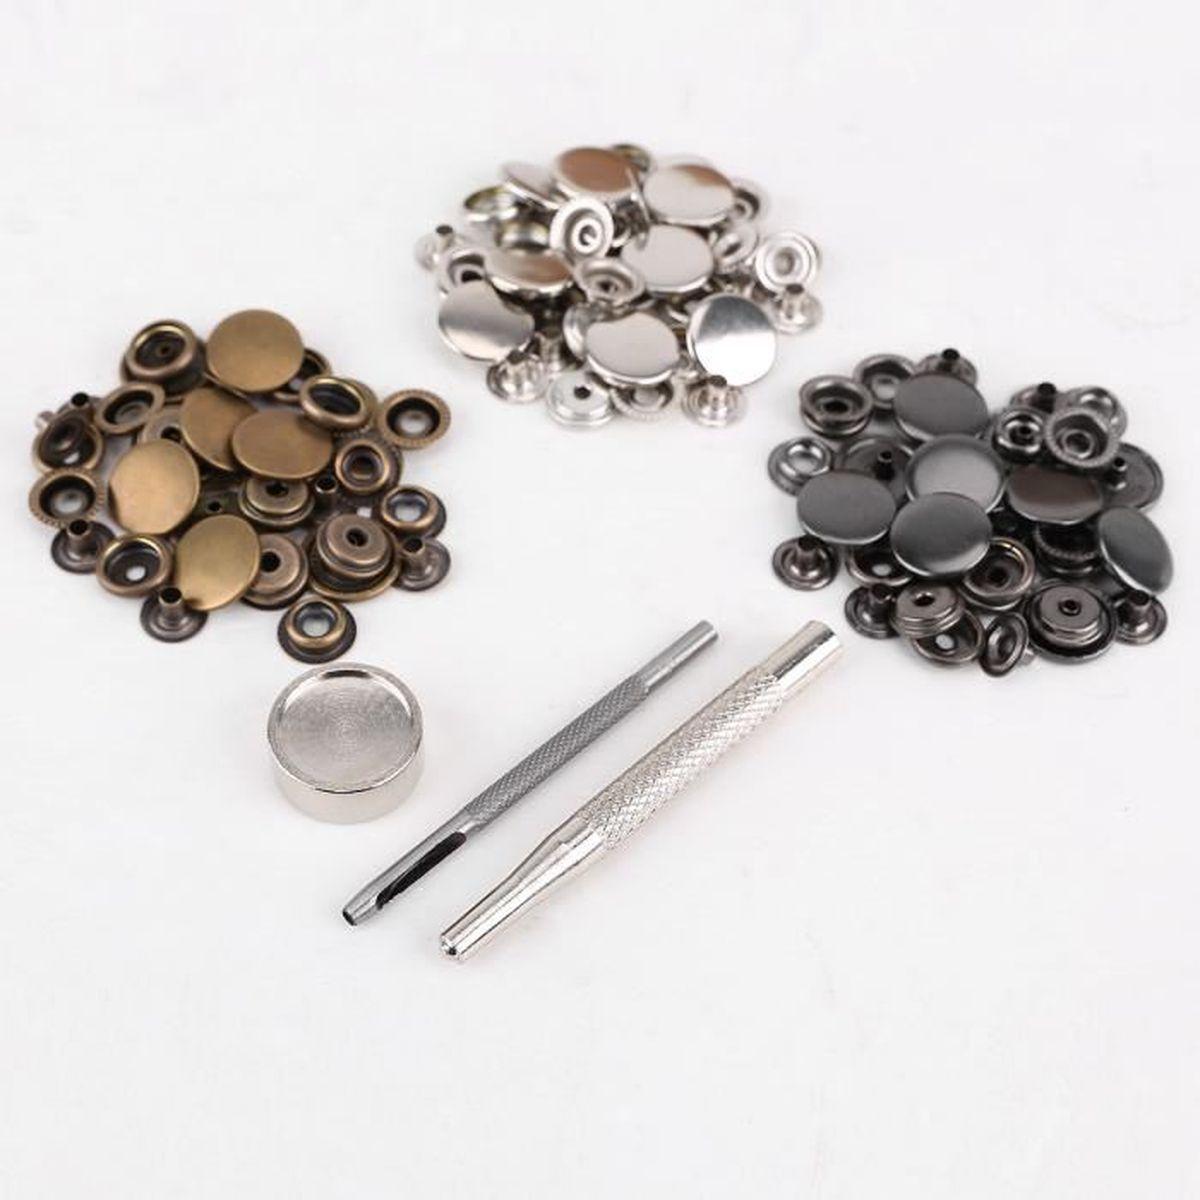 ... outil à fixer pour cuir maroquinerie. FERMETURE - BOUTON 30pcs 17mm bouton  pression métal argenté doré gris f0ec826c570